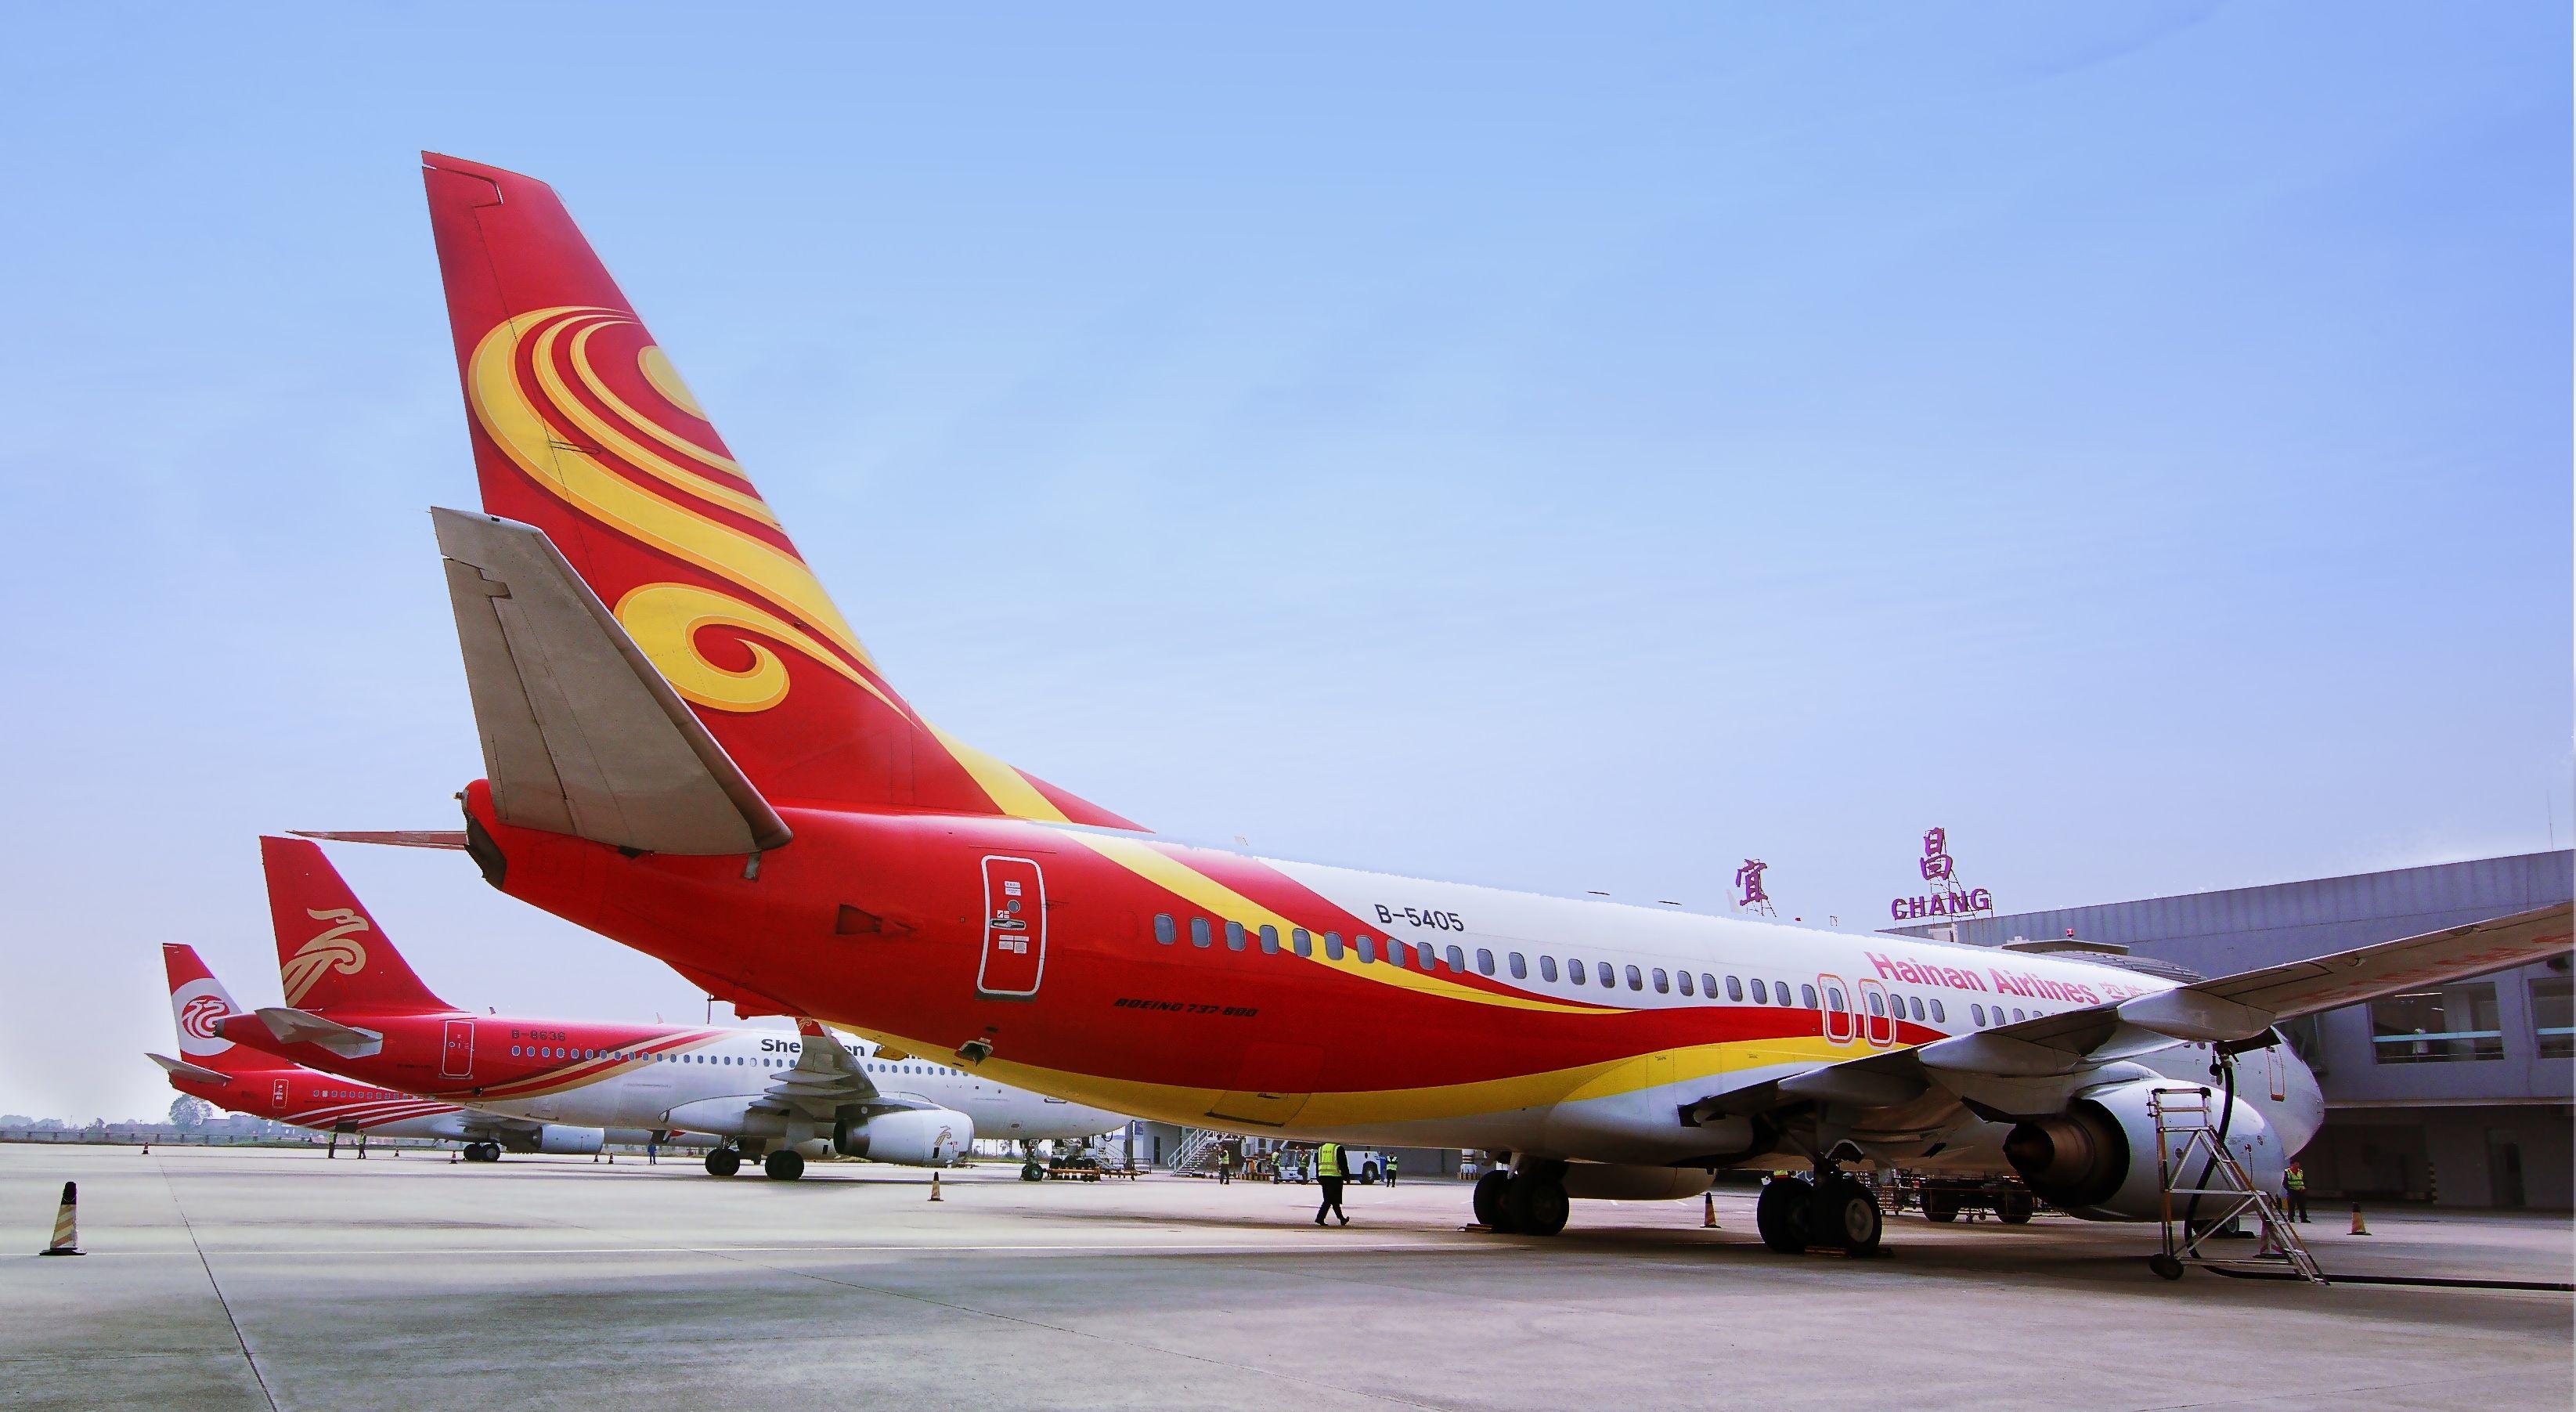 宜昌三峡机场2019年夏秋季航空旅游推介会顺利举行